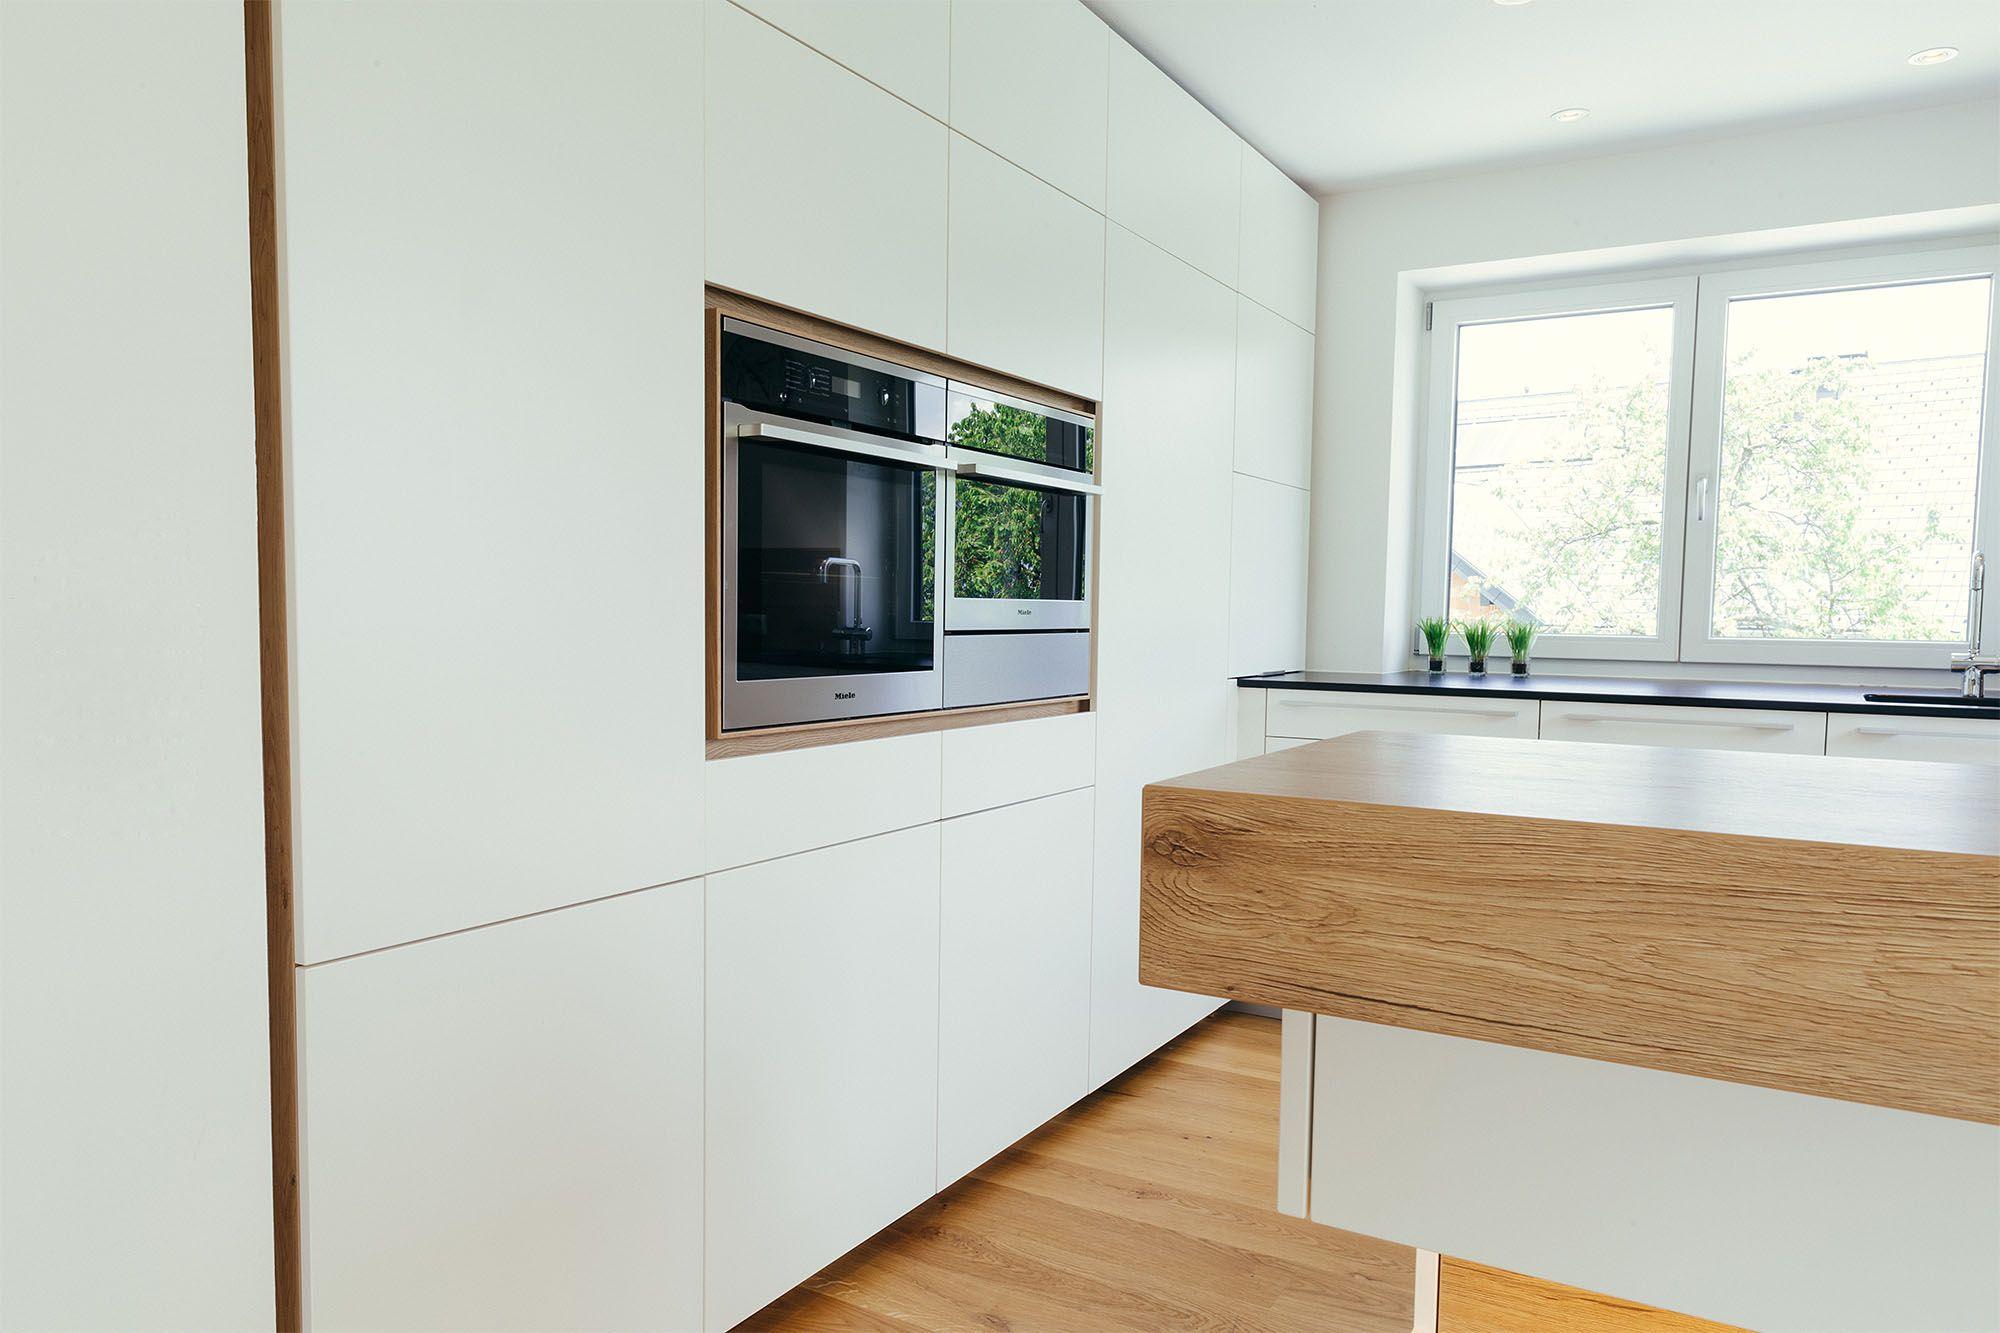 Fantastisch Individuelles Design Küchen Golden Grove Ideen - Ideen ...